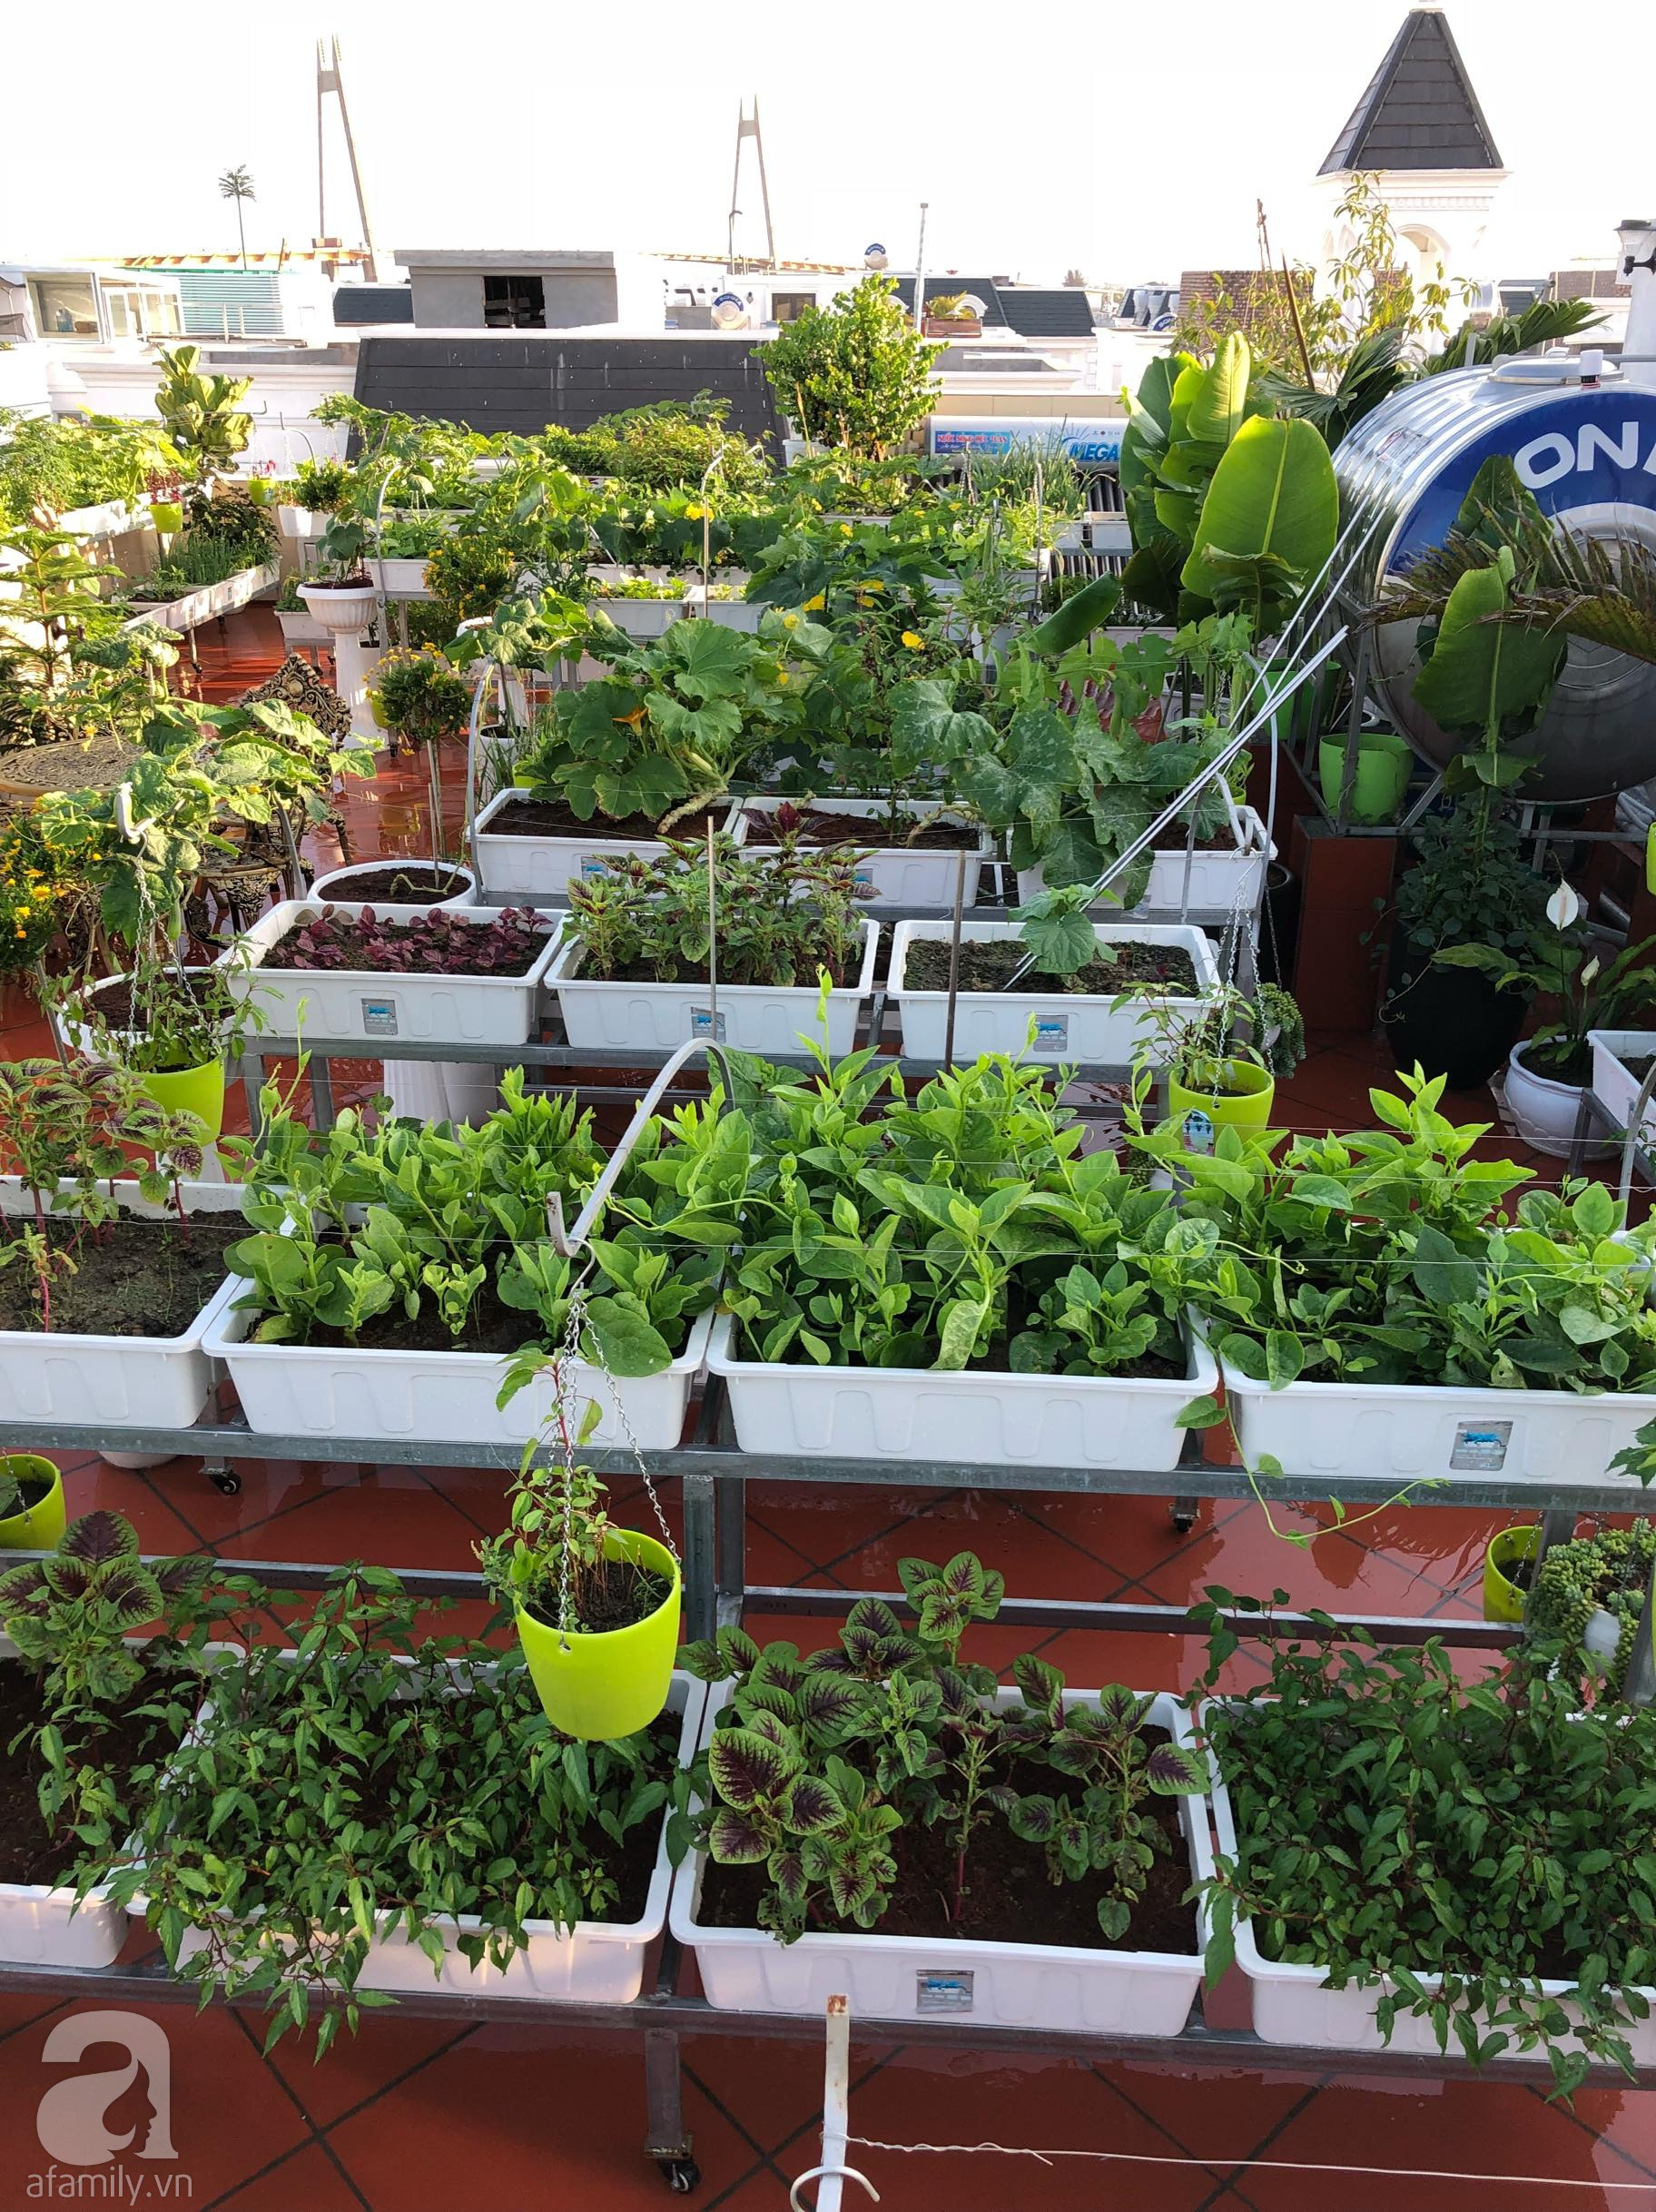 Vườn rau trên sân thượng bạt ngàn rau quả mùa hè của bà mẹ 3 con ở Hải Phòng - Ảnh 4.